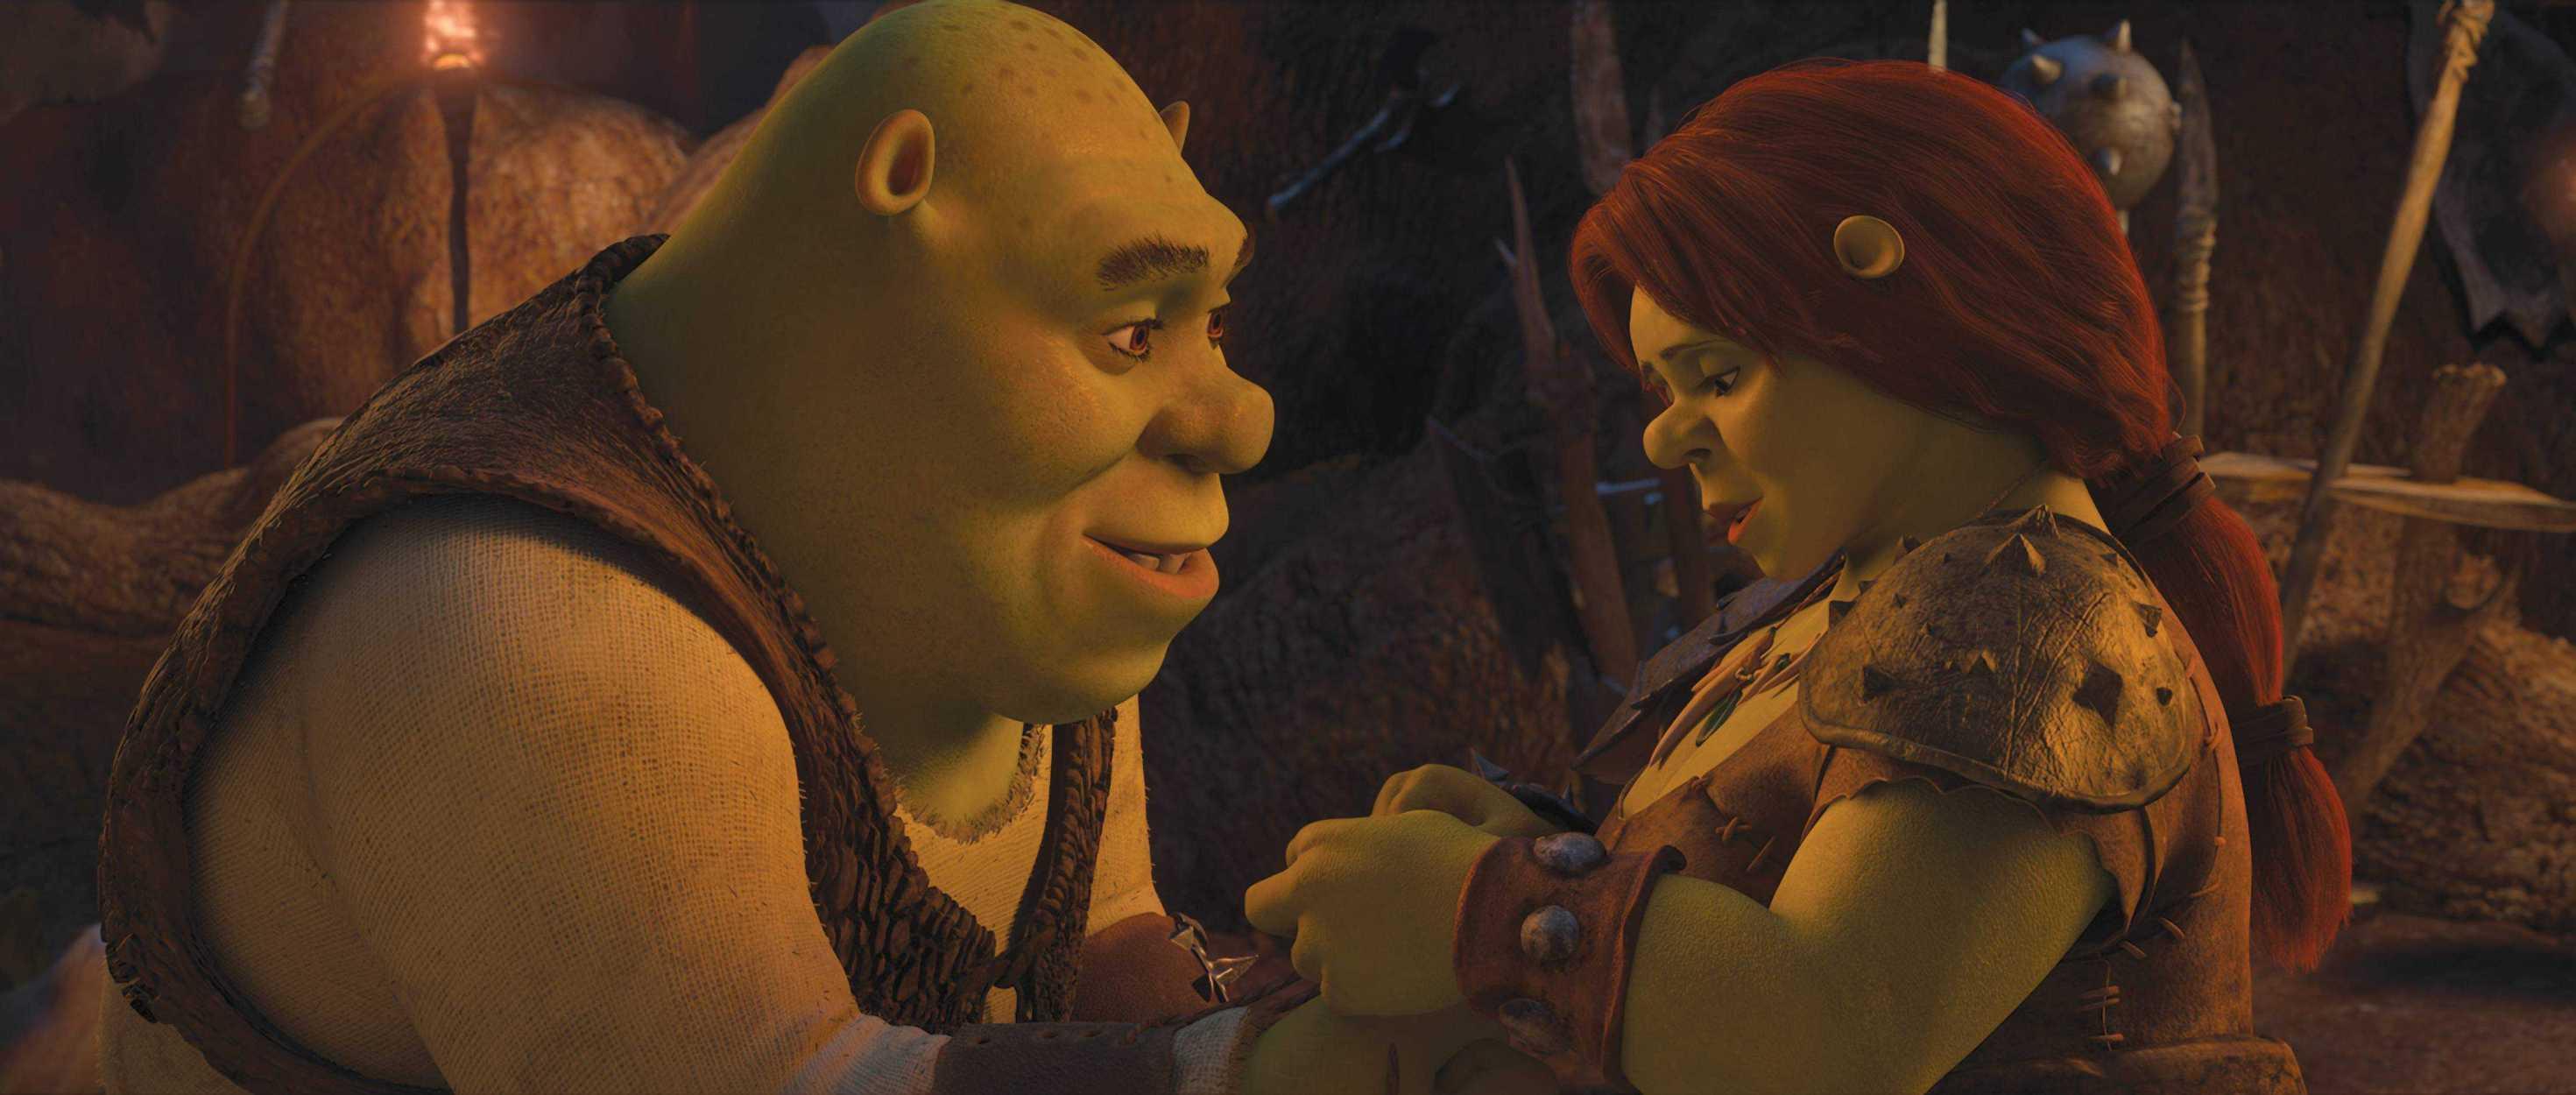 Shrek ogr fiona porn porn photos